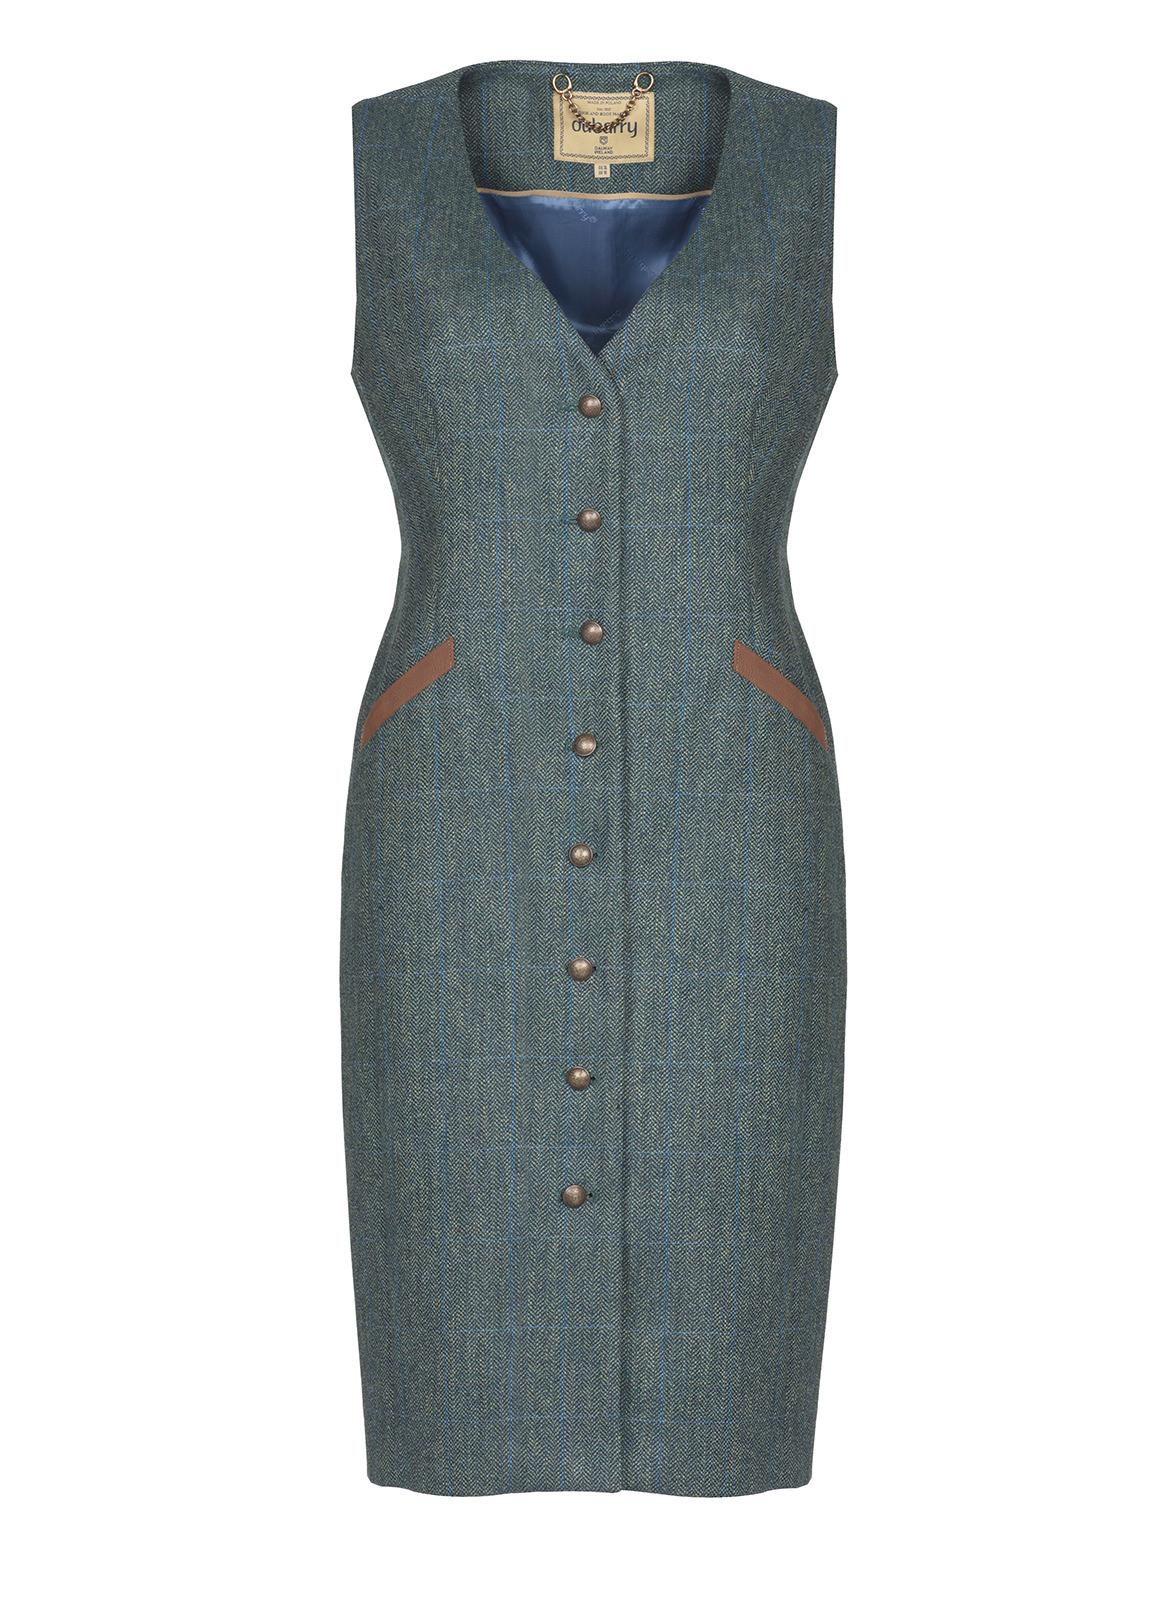 Dubarry_ Larkhill Tweed dress - Mist_Image_2